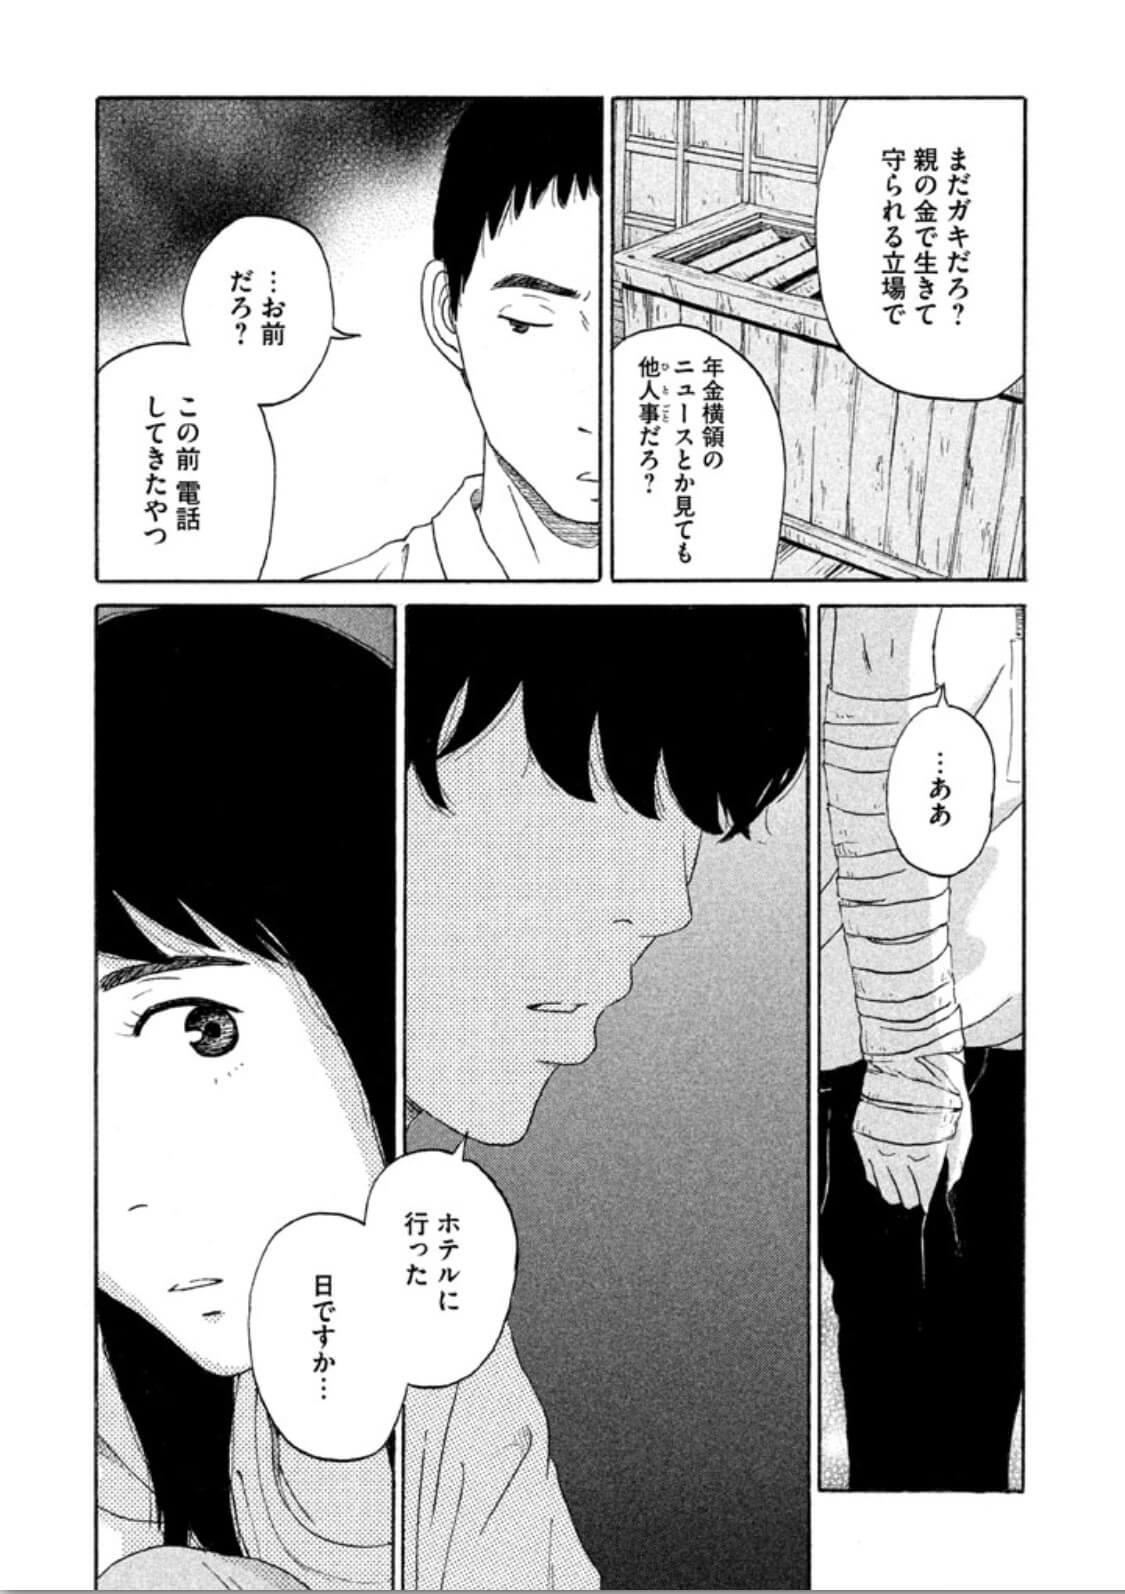 恋のツキ漫画